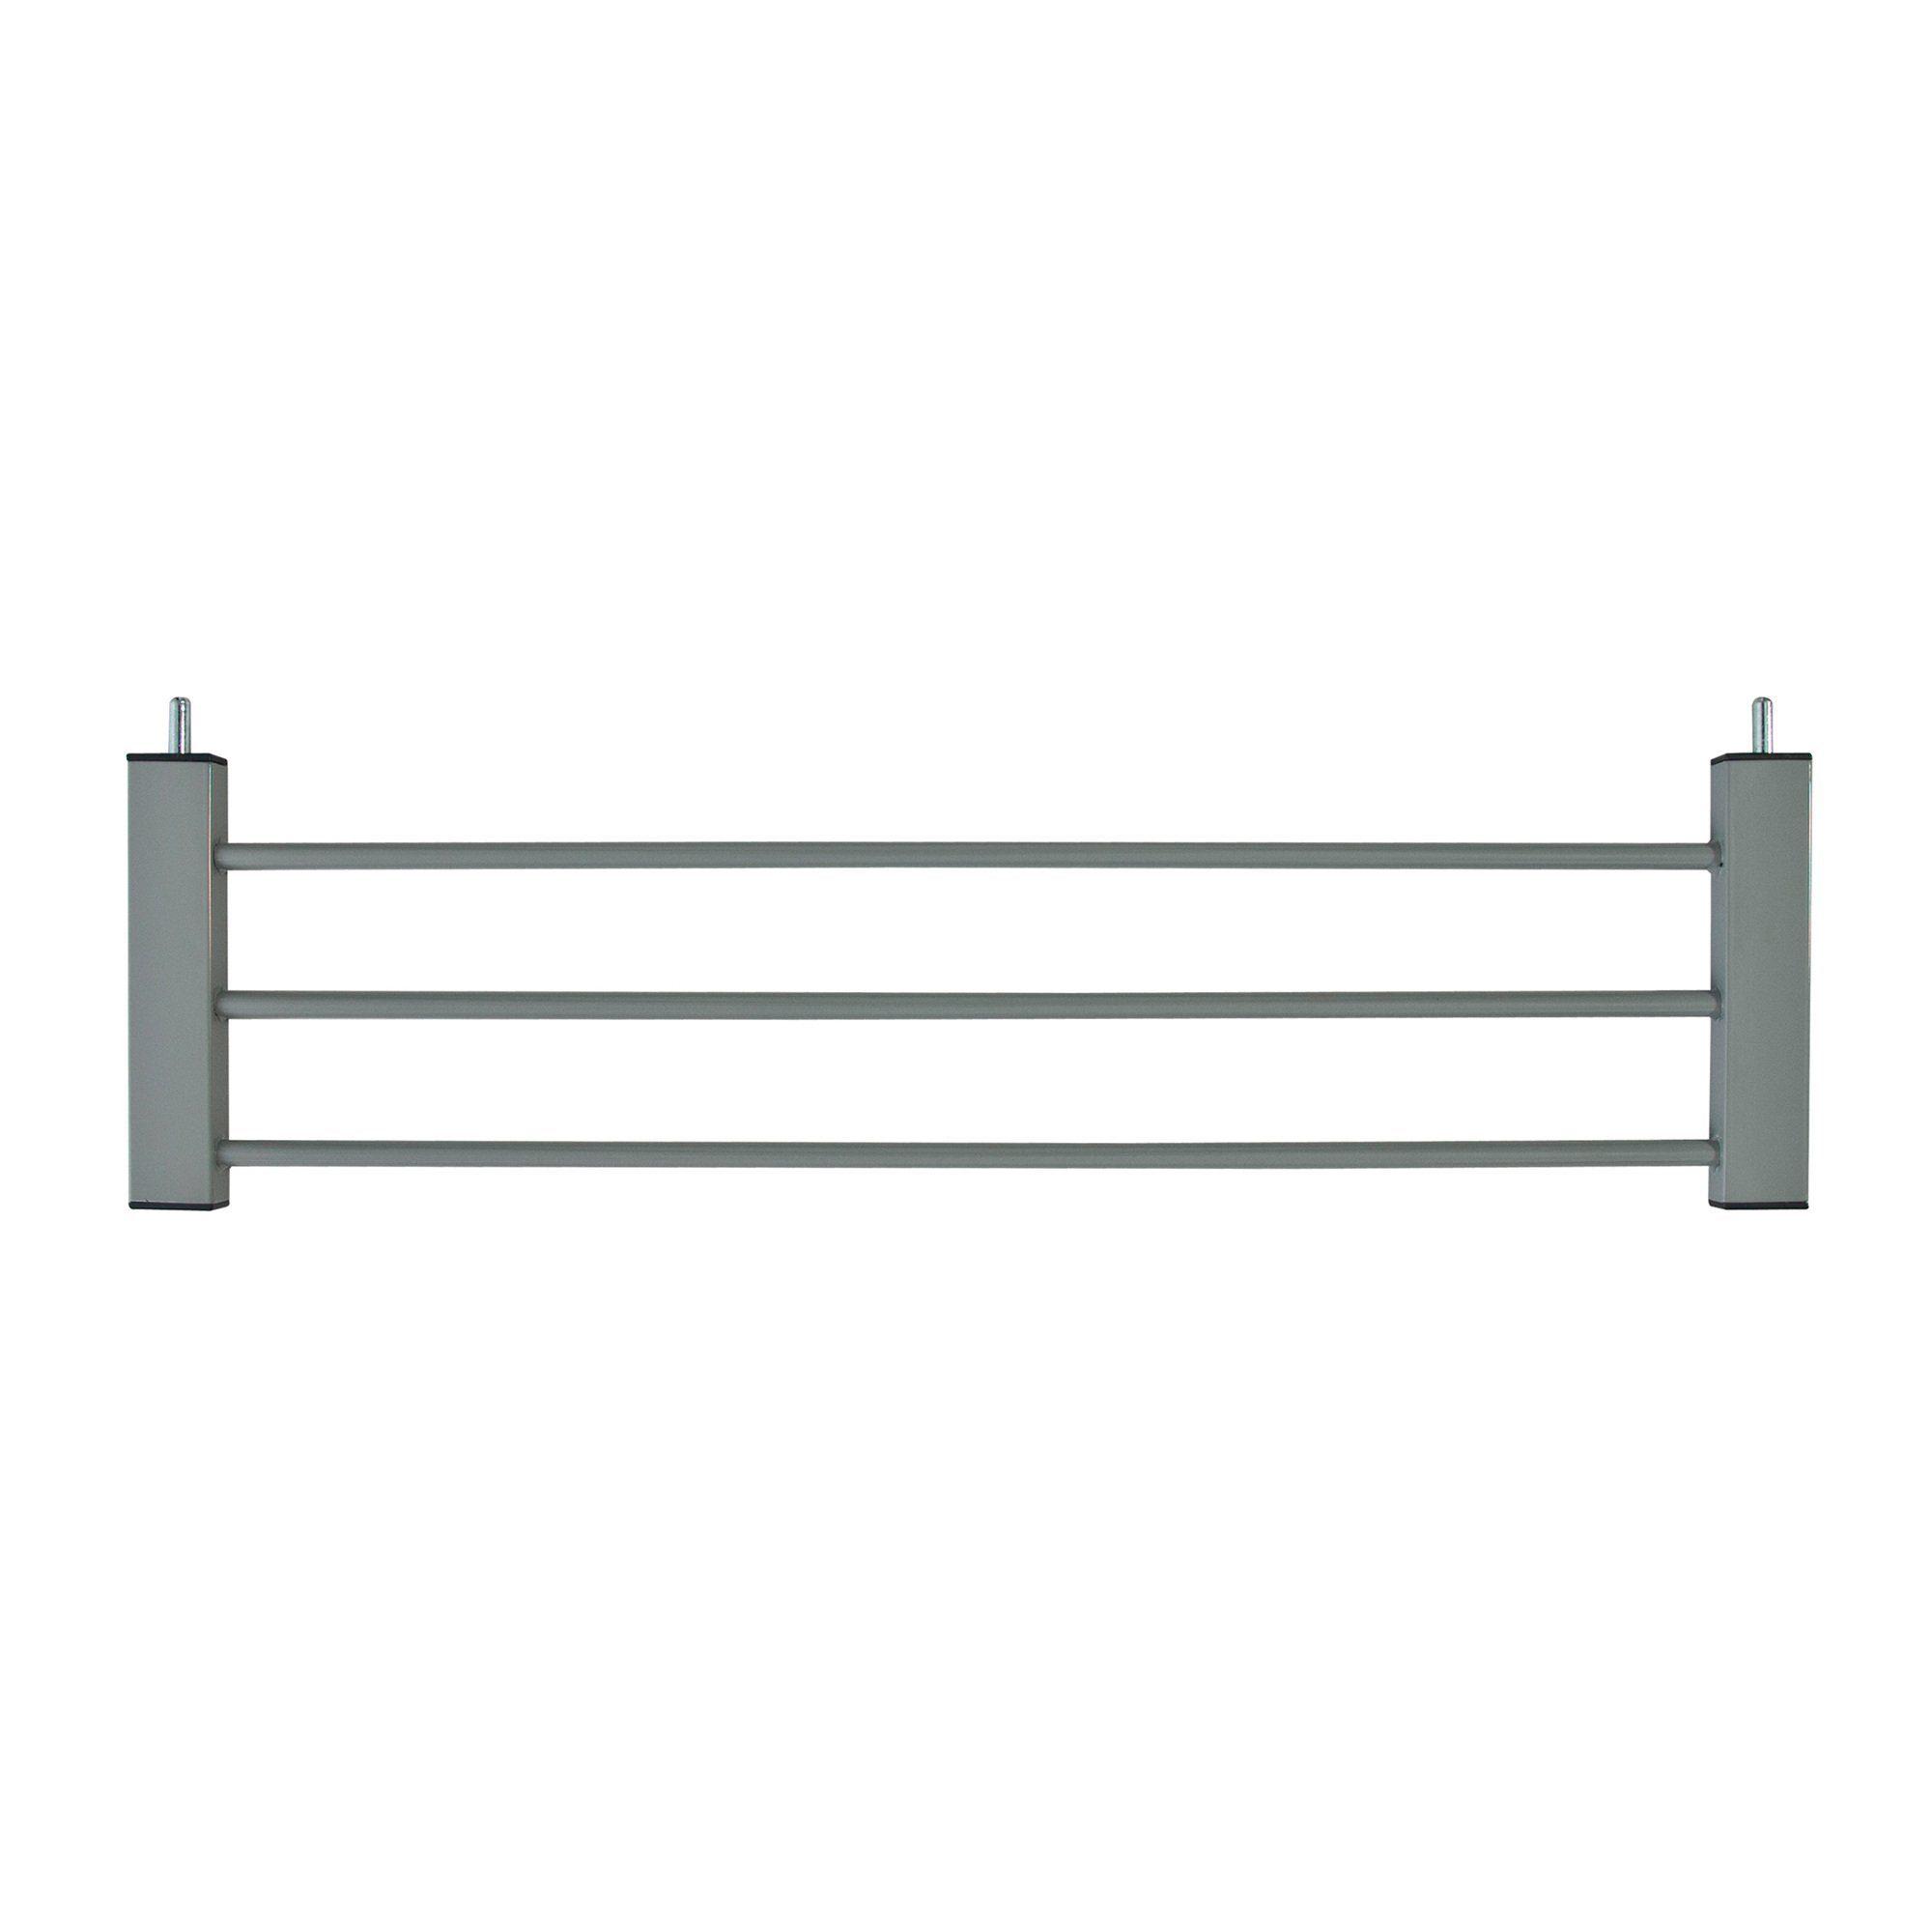 FIRST BABY SAFETY Verlängerung für Türschutzgitter Smart 21 cm